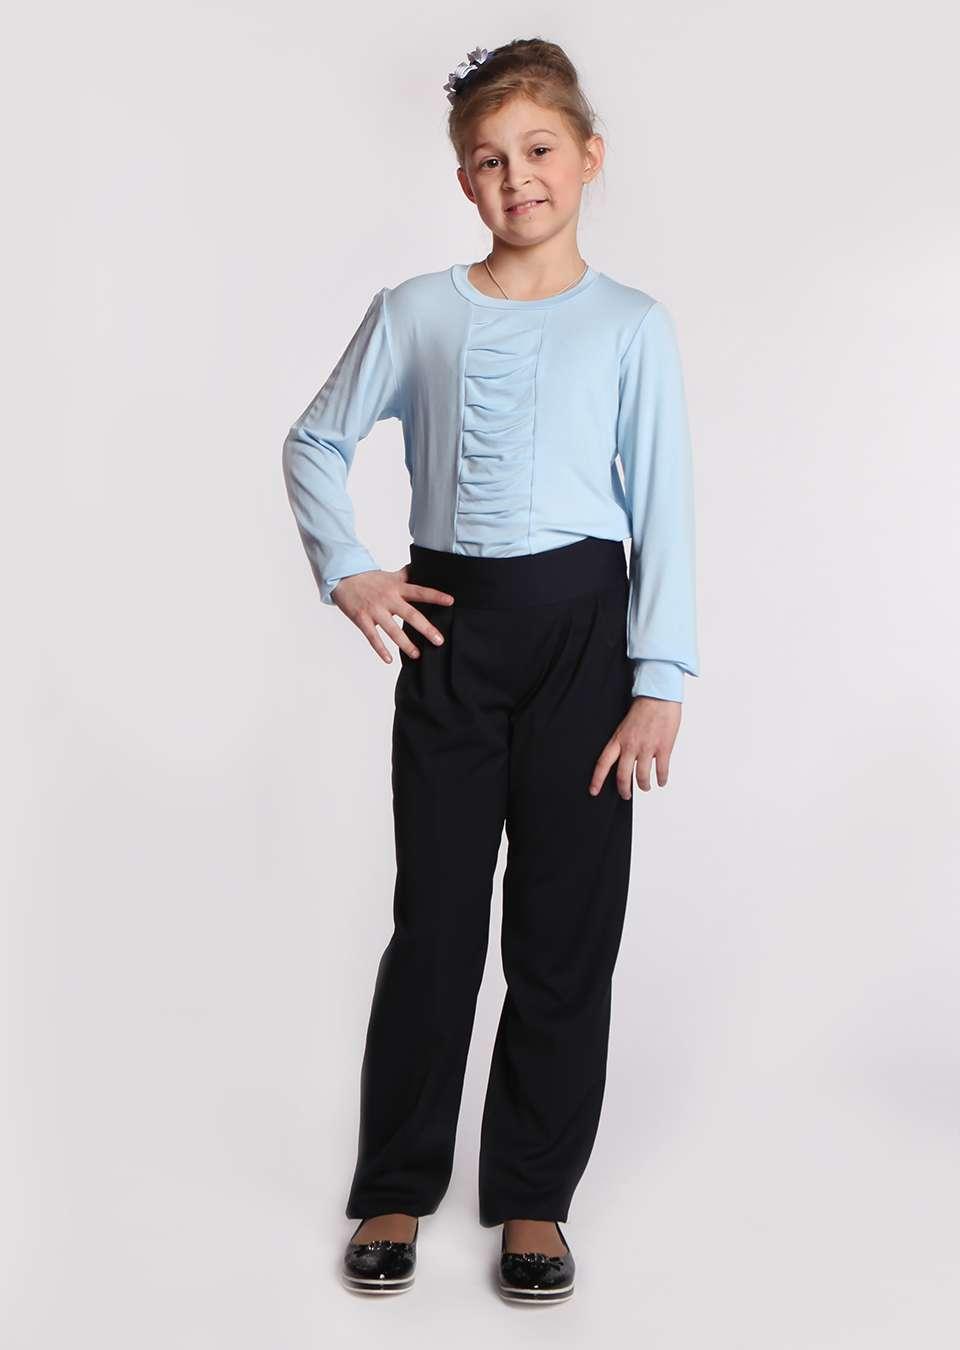 Блузка с вставкой школьная для девочки